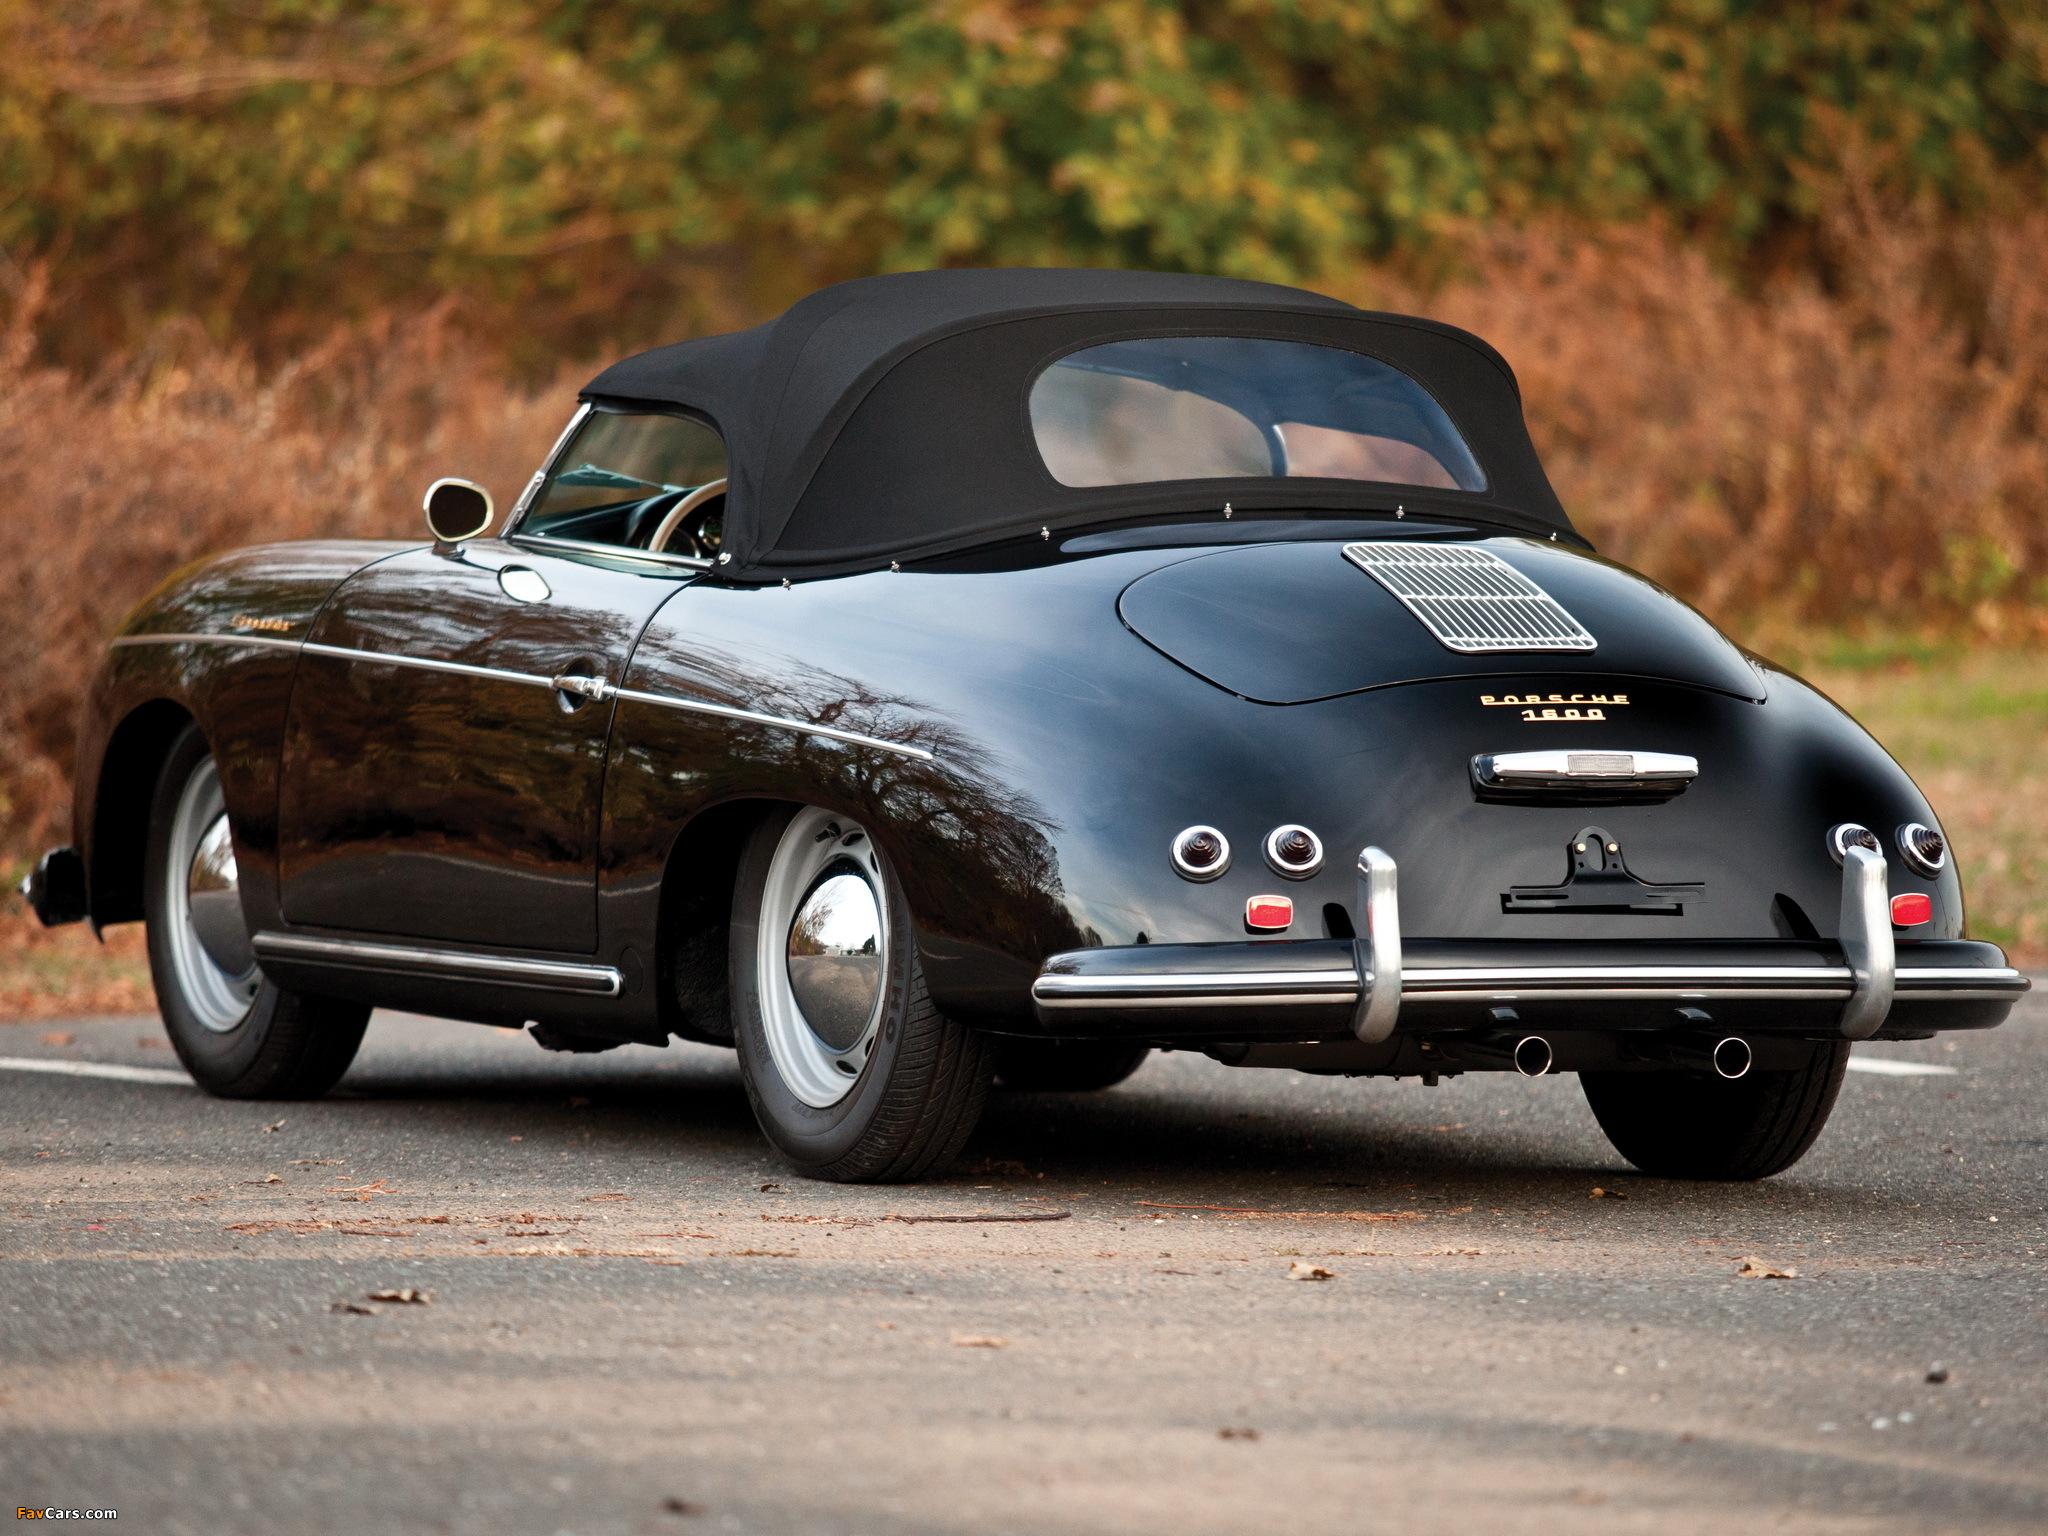 Porsche 356 Speedster By Reutter 1955 Photos 2048x1536